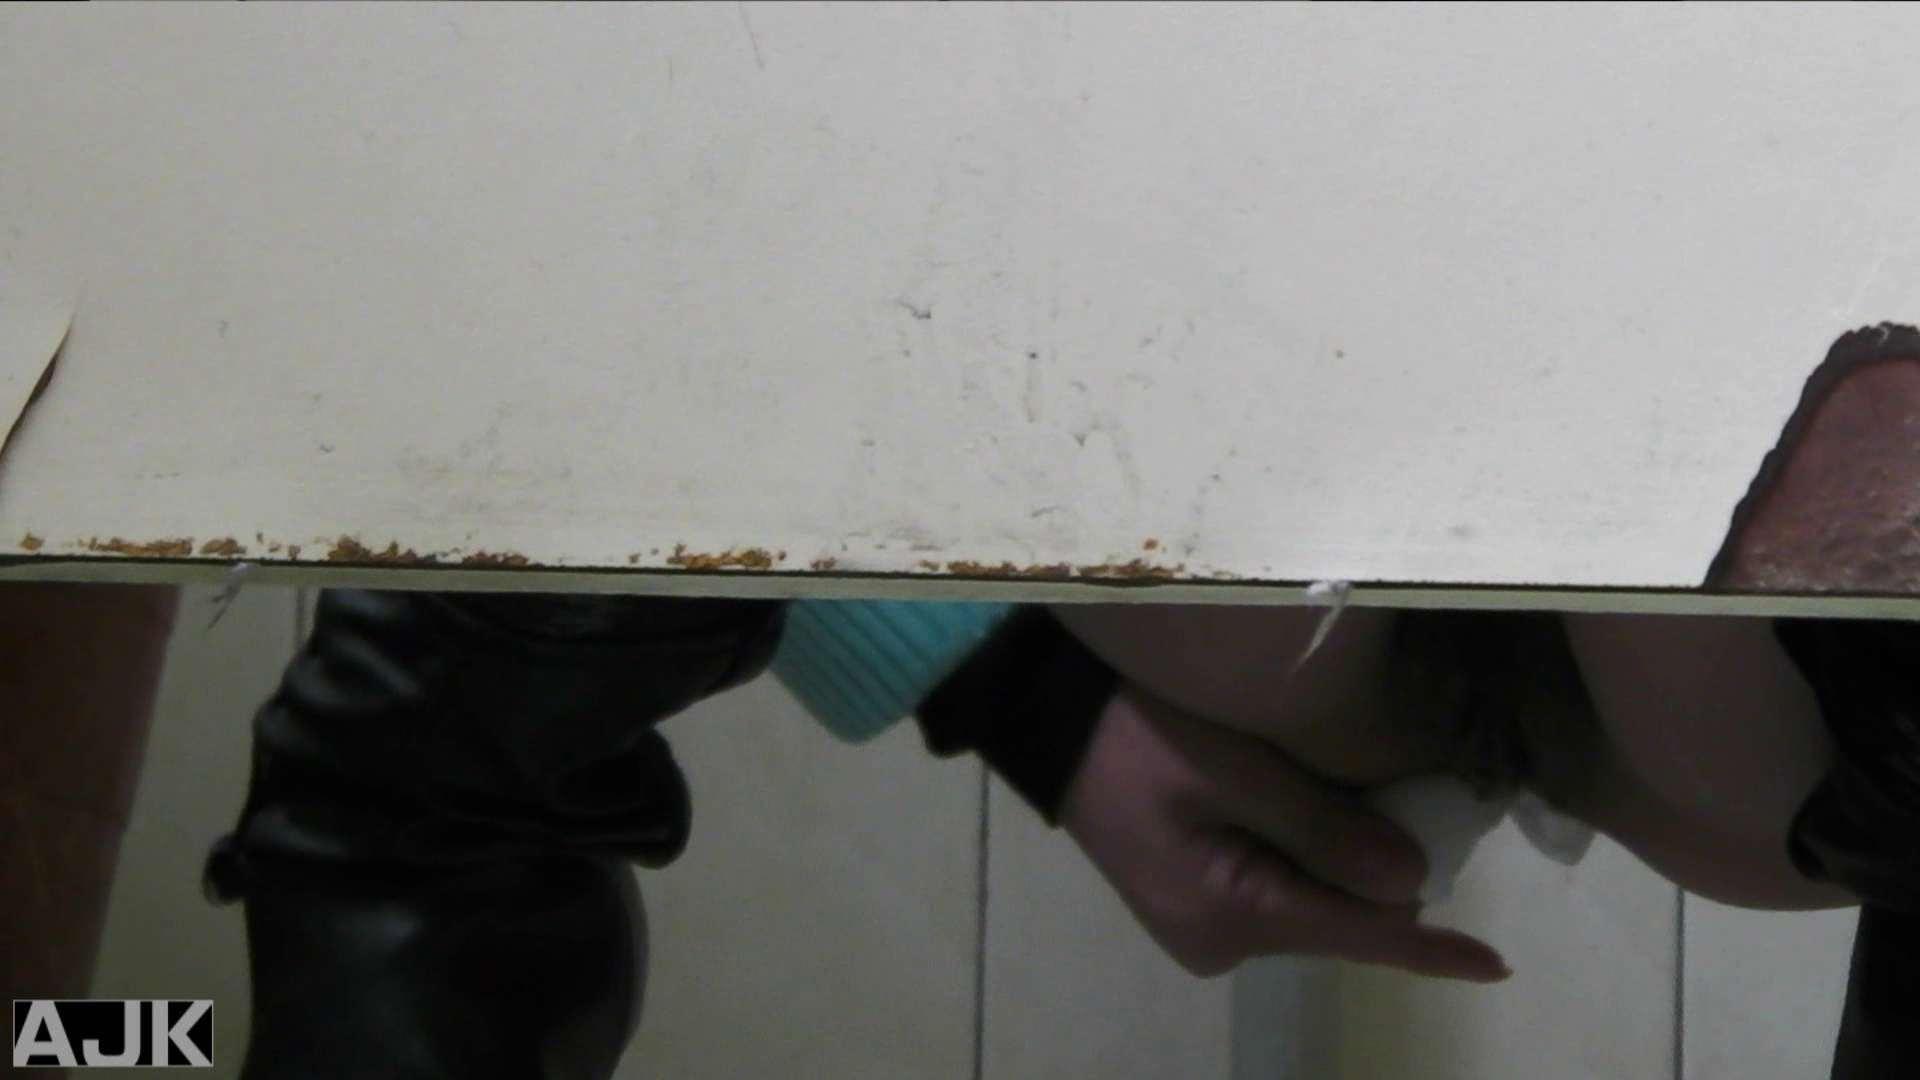 隣国上階級エリアの令嬢たちが集うデパートお手洗い Vol.07 お手洗い | OL  73連発 14